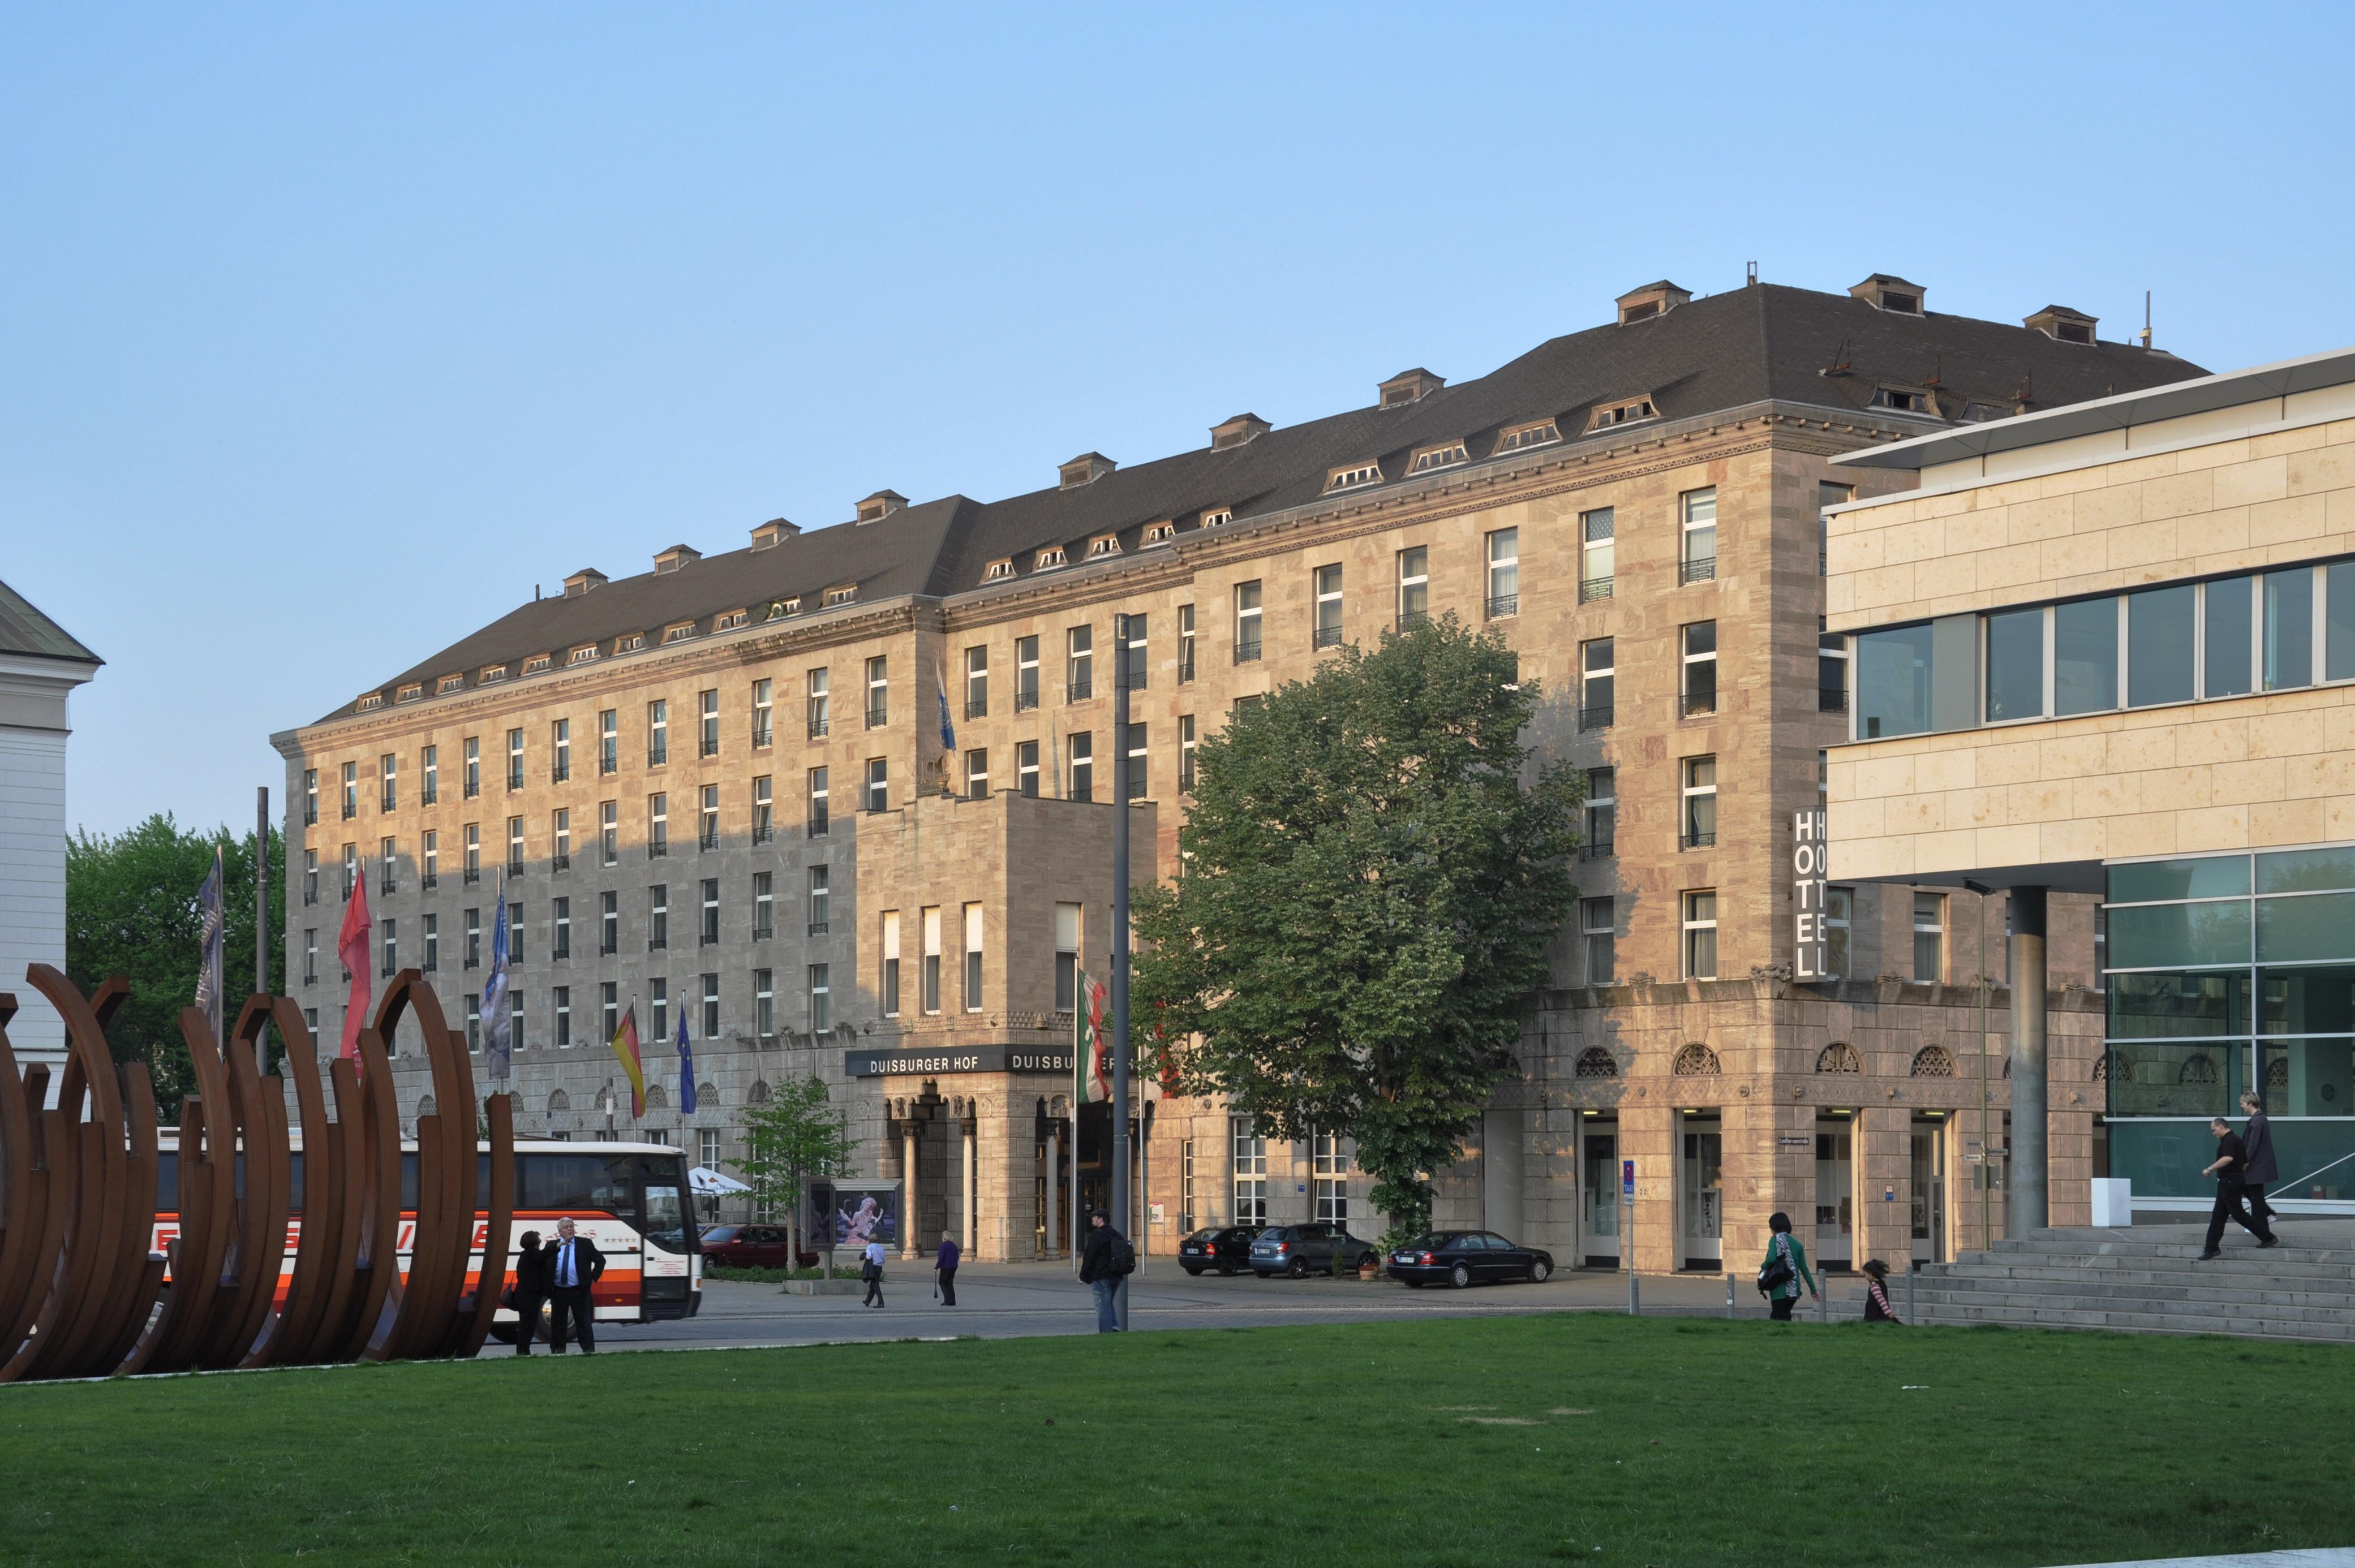 Hotel Duisburger Hof